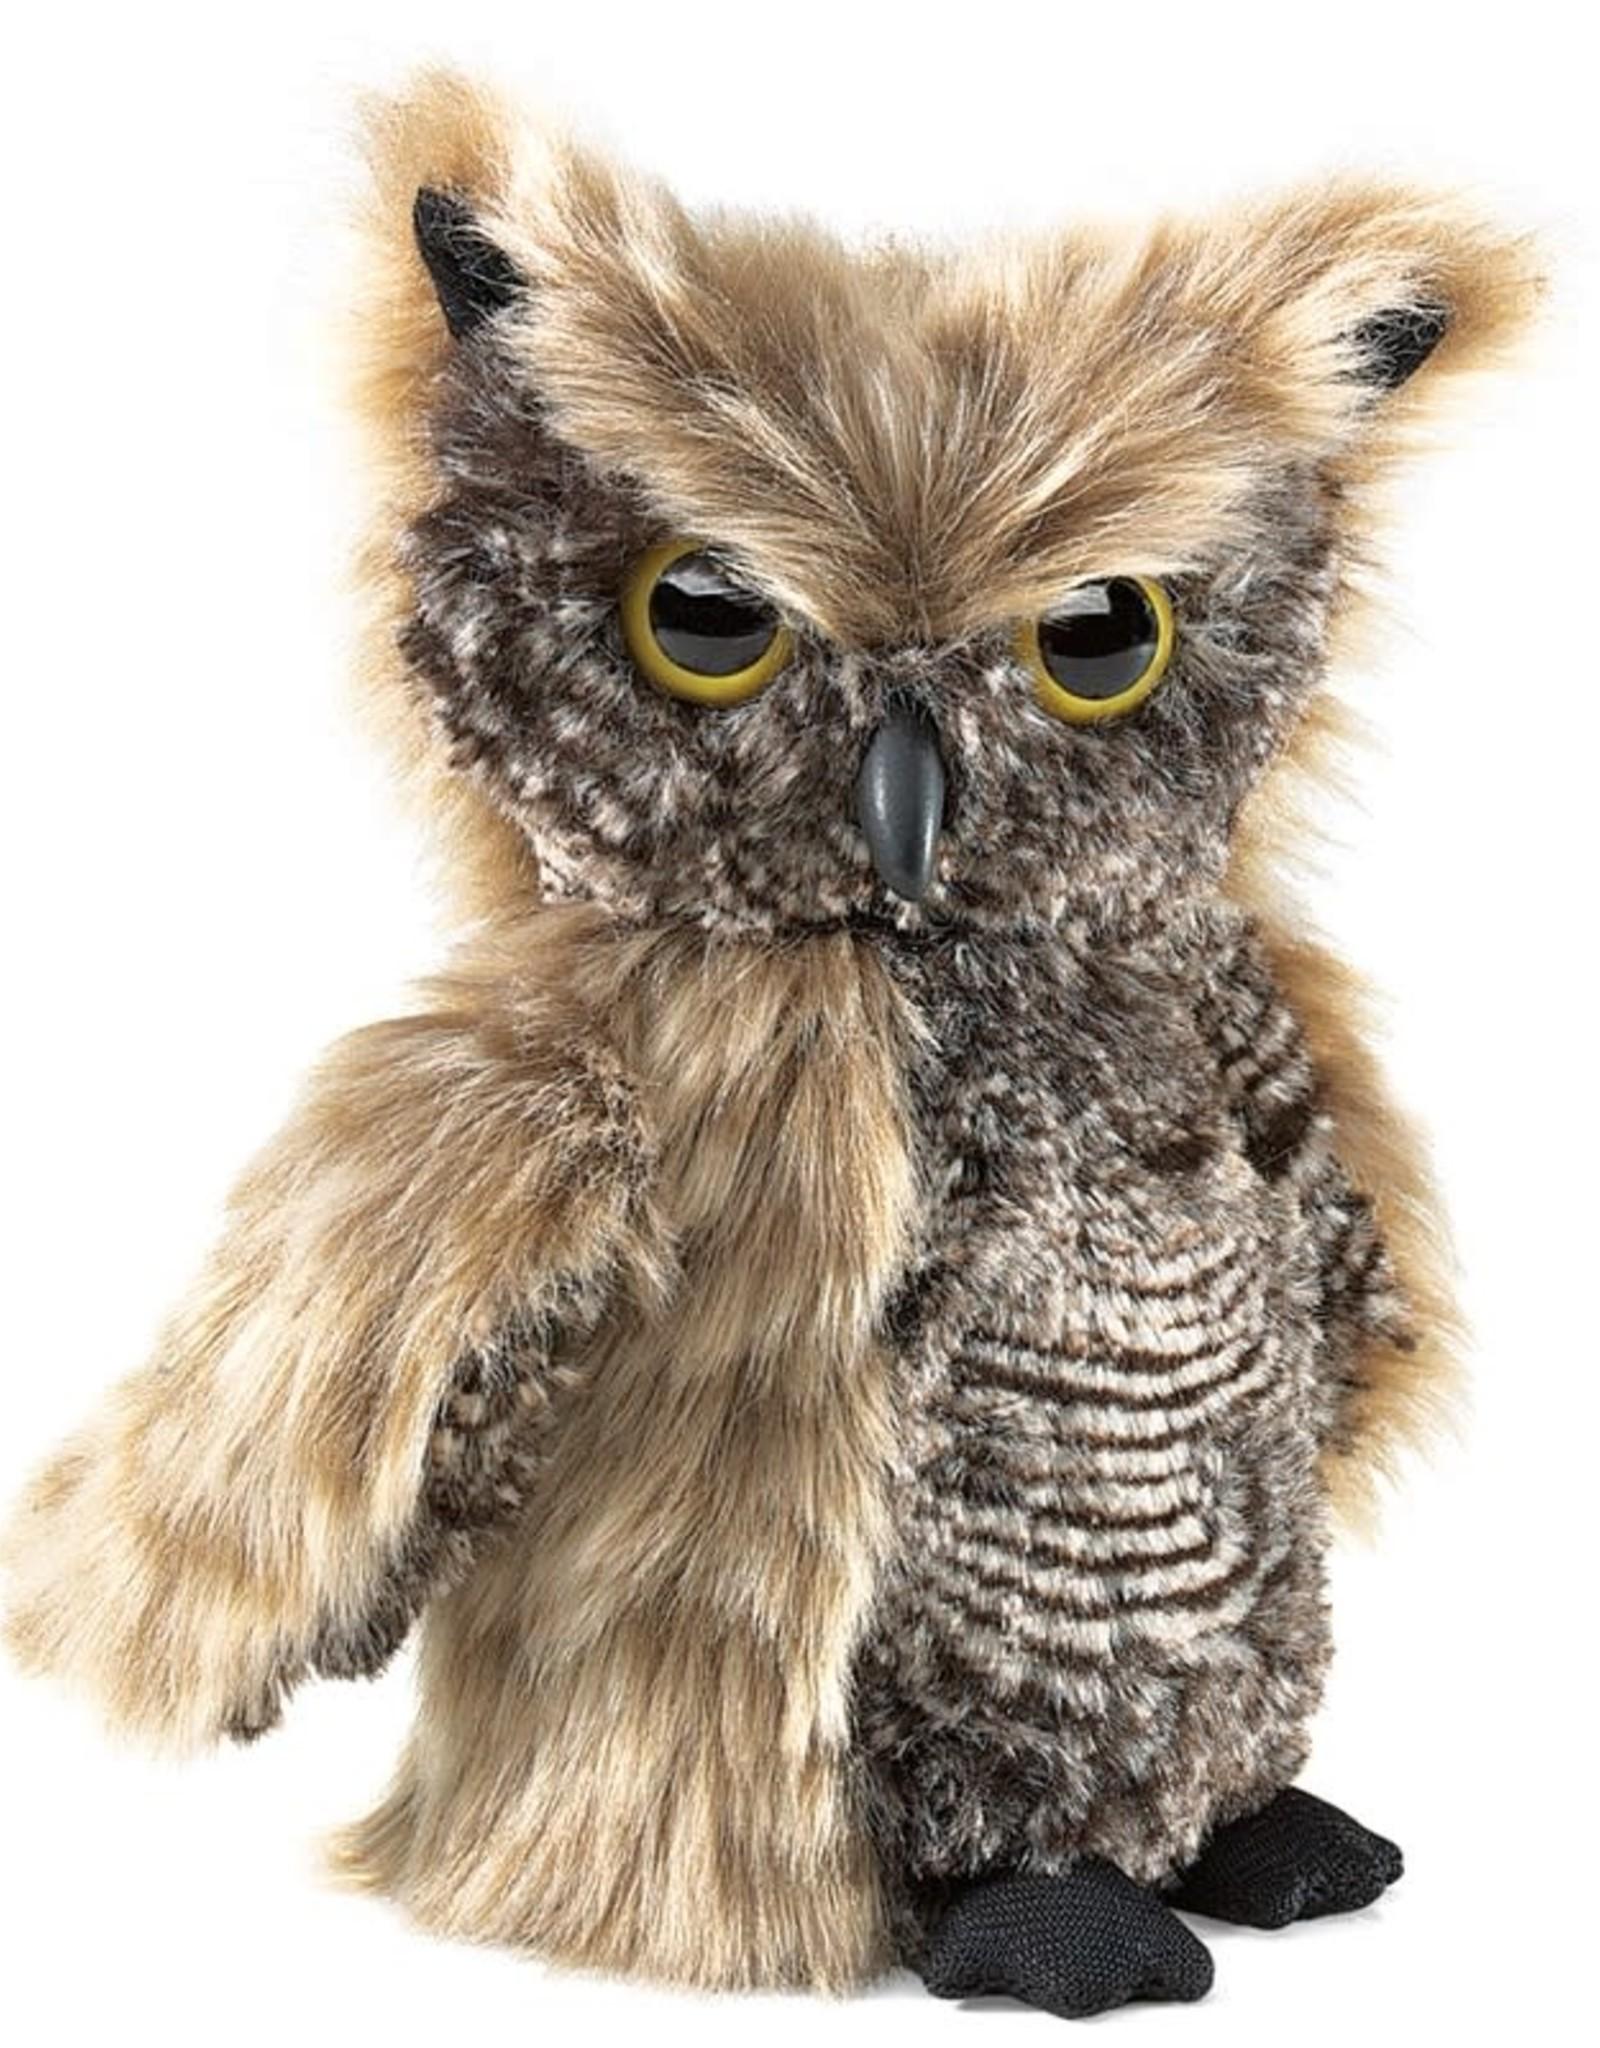 PUPPET SCREECH OWL